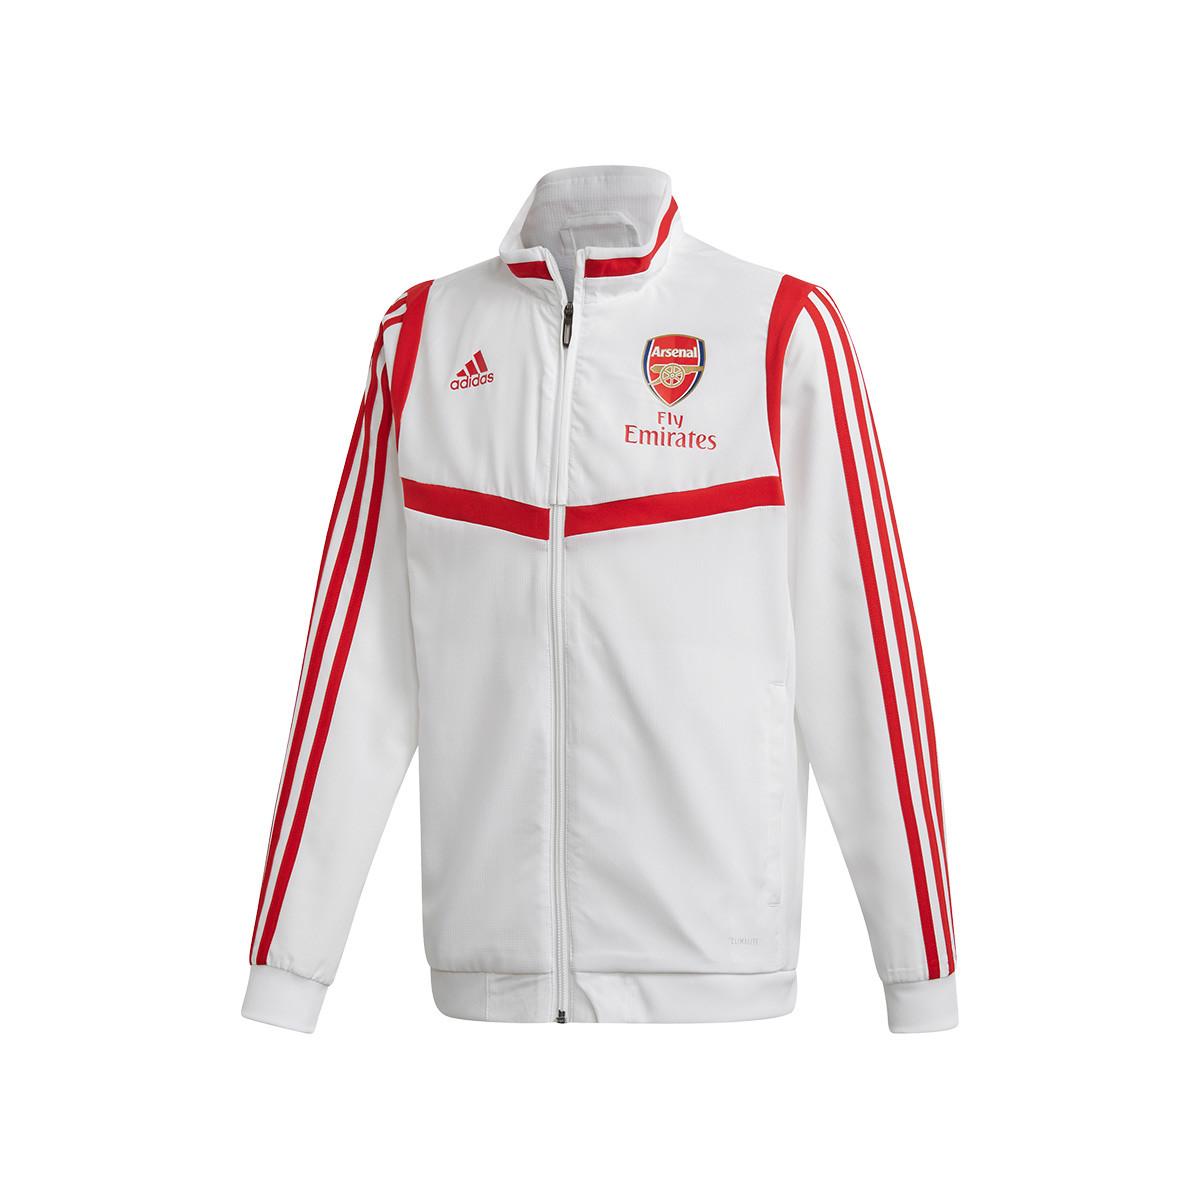 Reducción de precios SIDA tinta  Jacket adidas Arsenal FC Prematch 2019-2020 Niño White-Scarlet - Football  store Fútbol Emotion